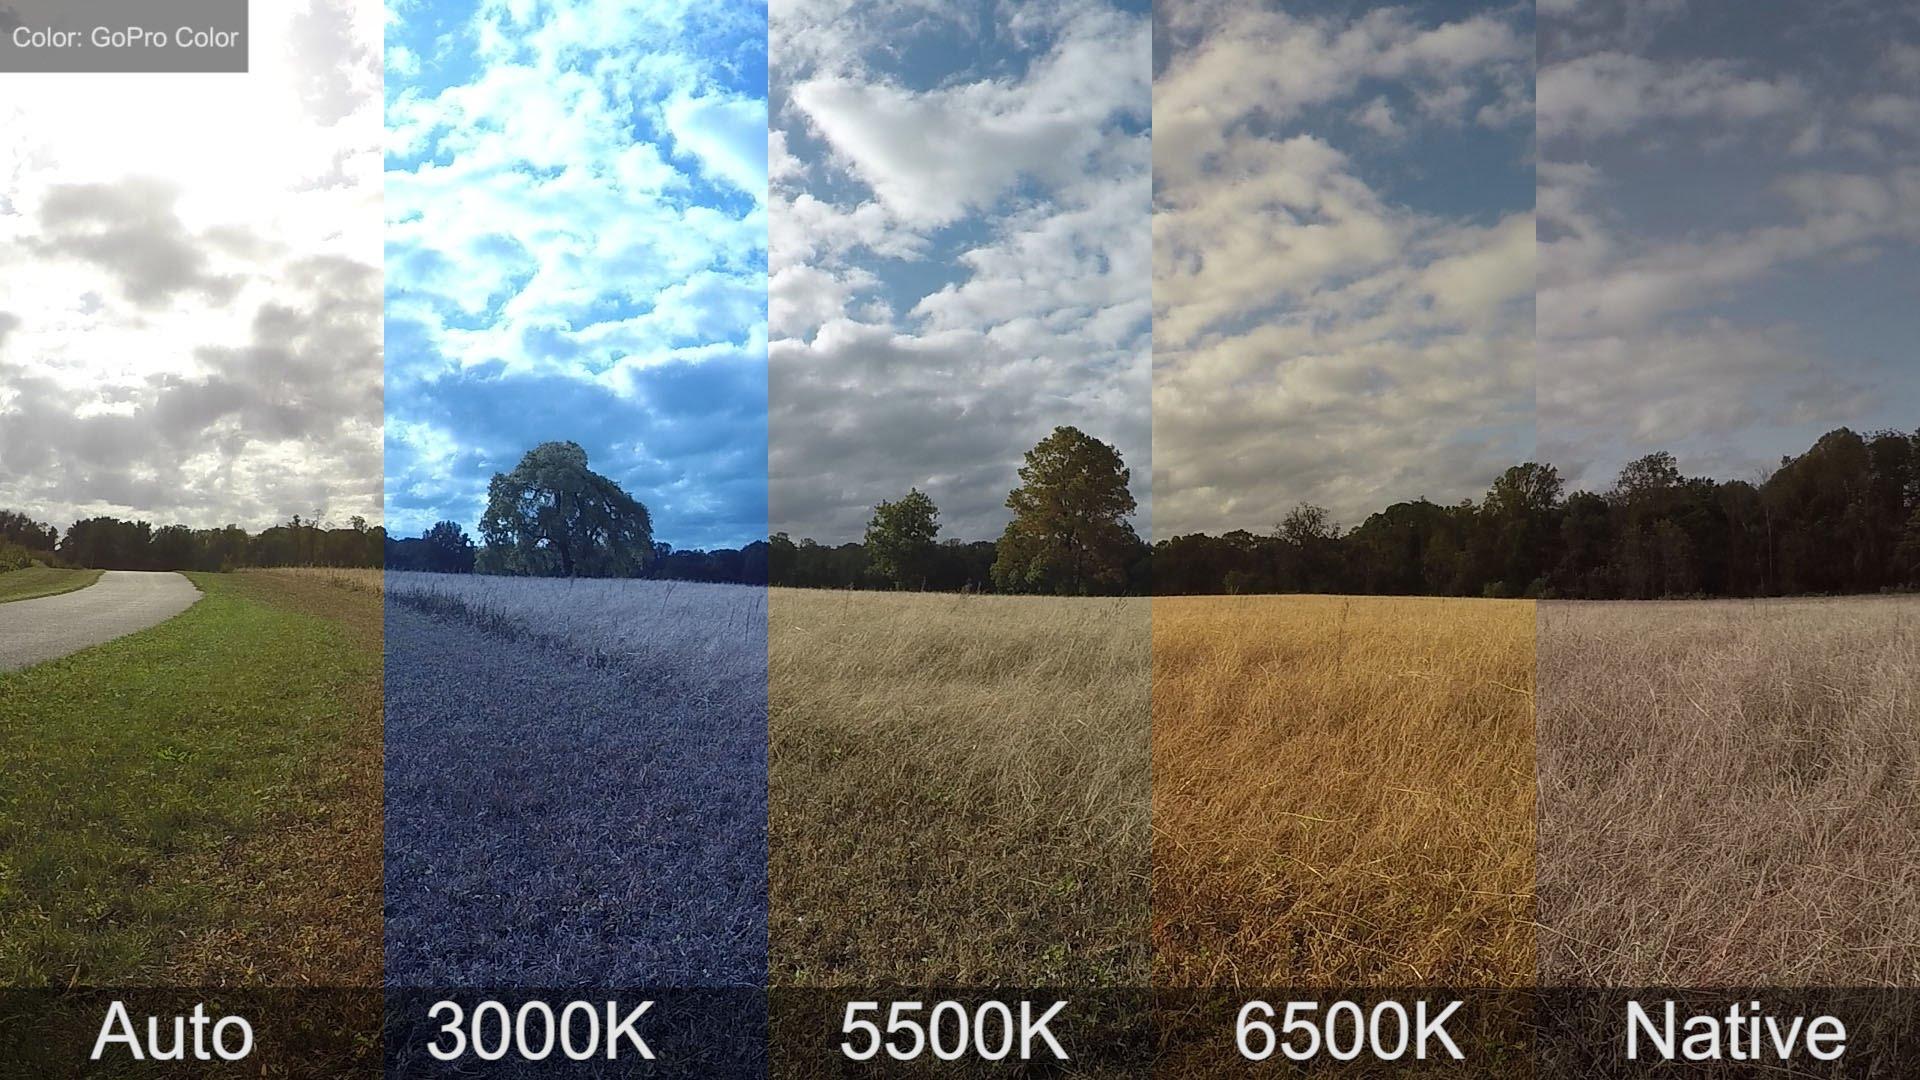 сорта цветовая температура в фотографии это сложно играть против